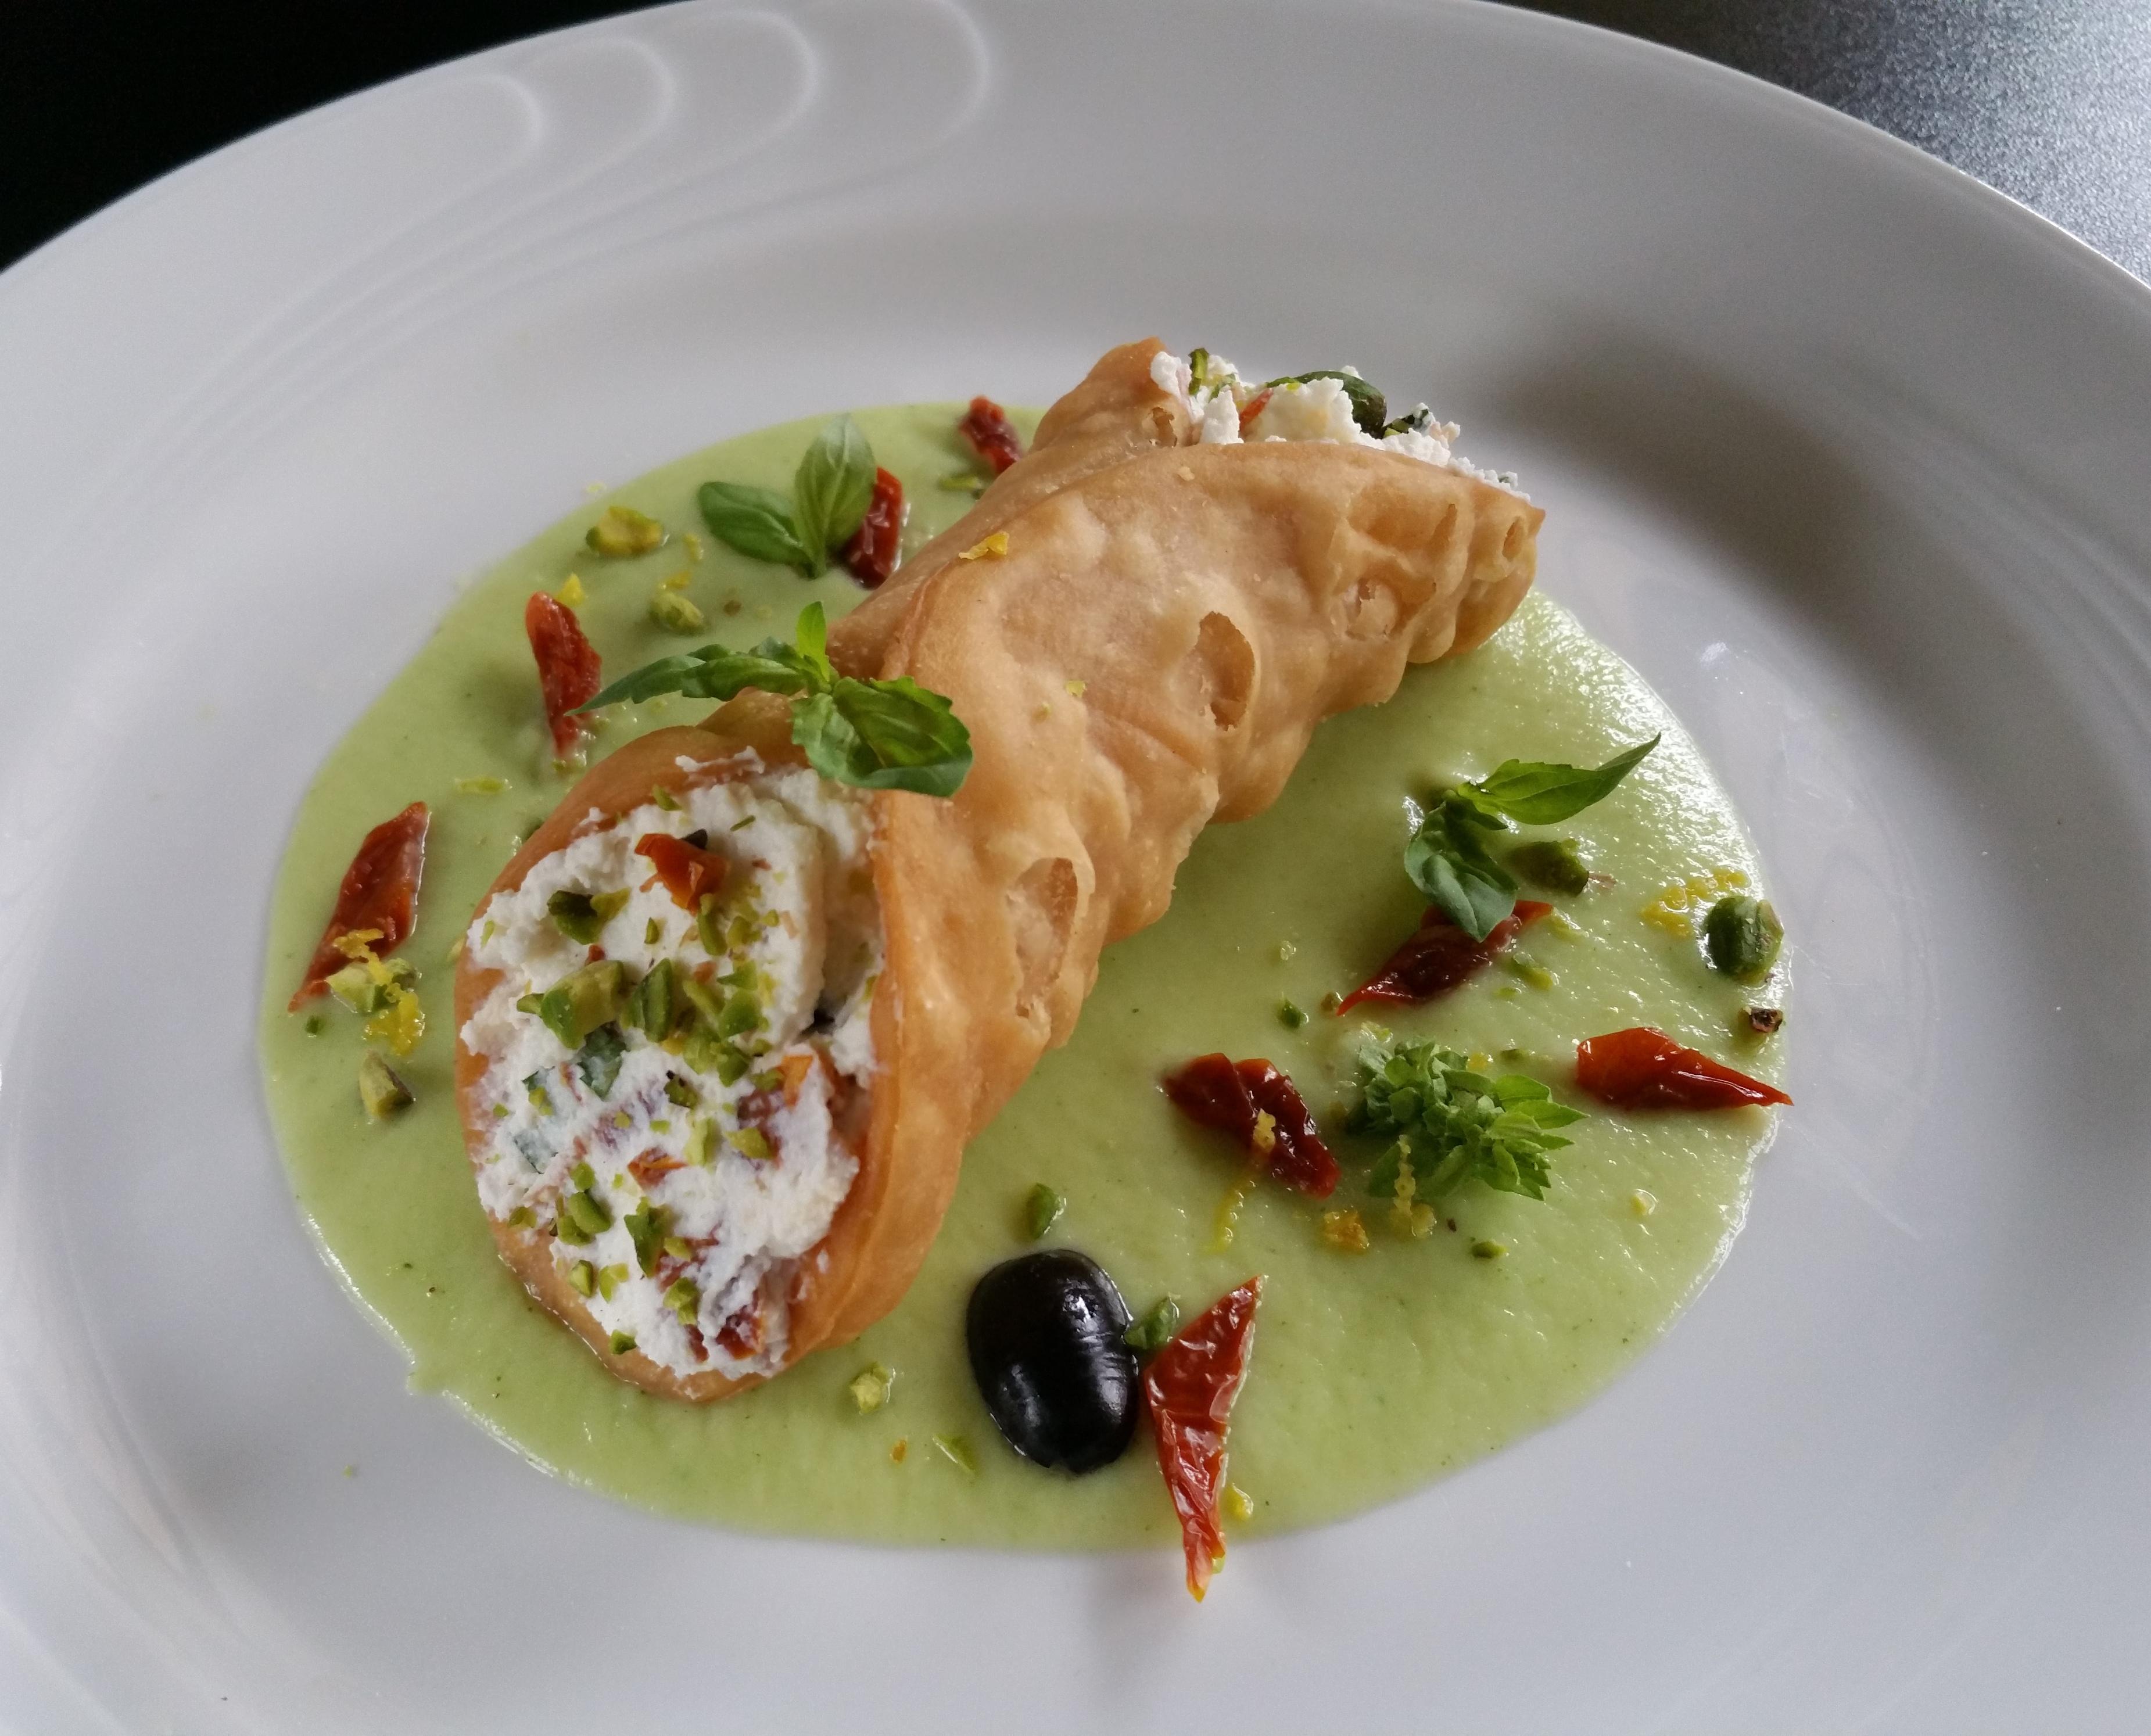 Cannolo salato con ricotta, pomodori secchi, olive leccino e pistacchi su crema di broccoli romani